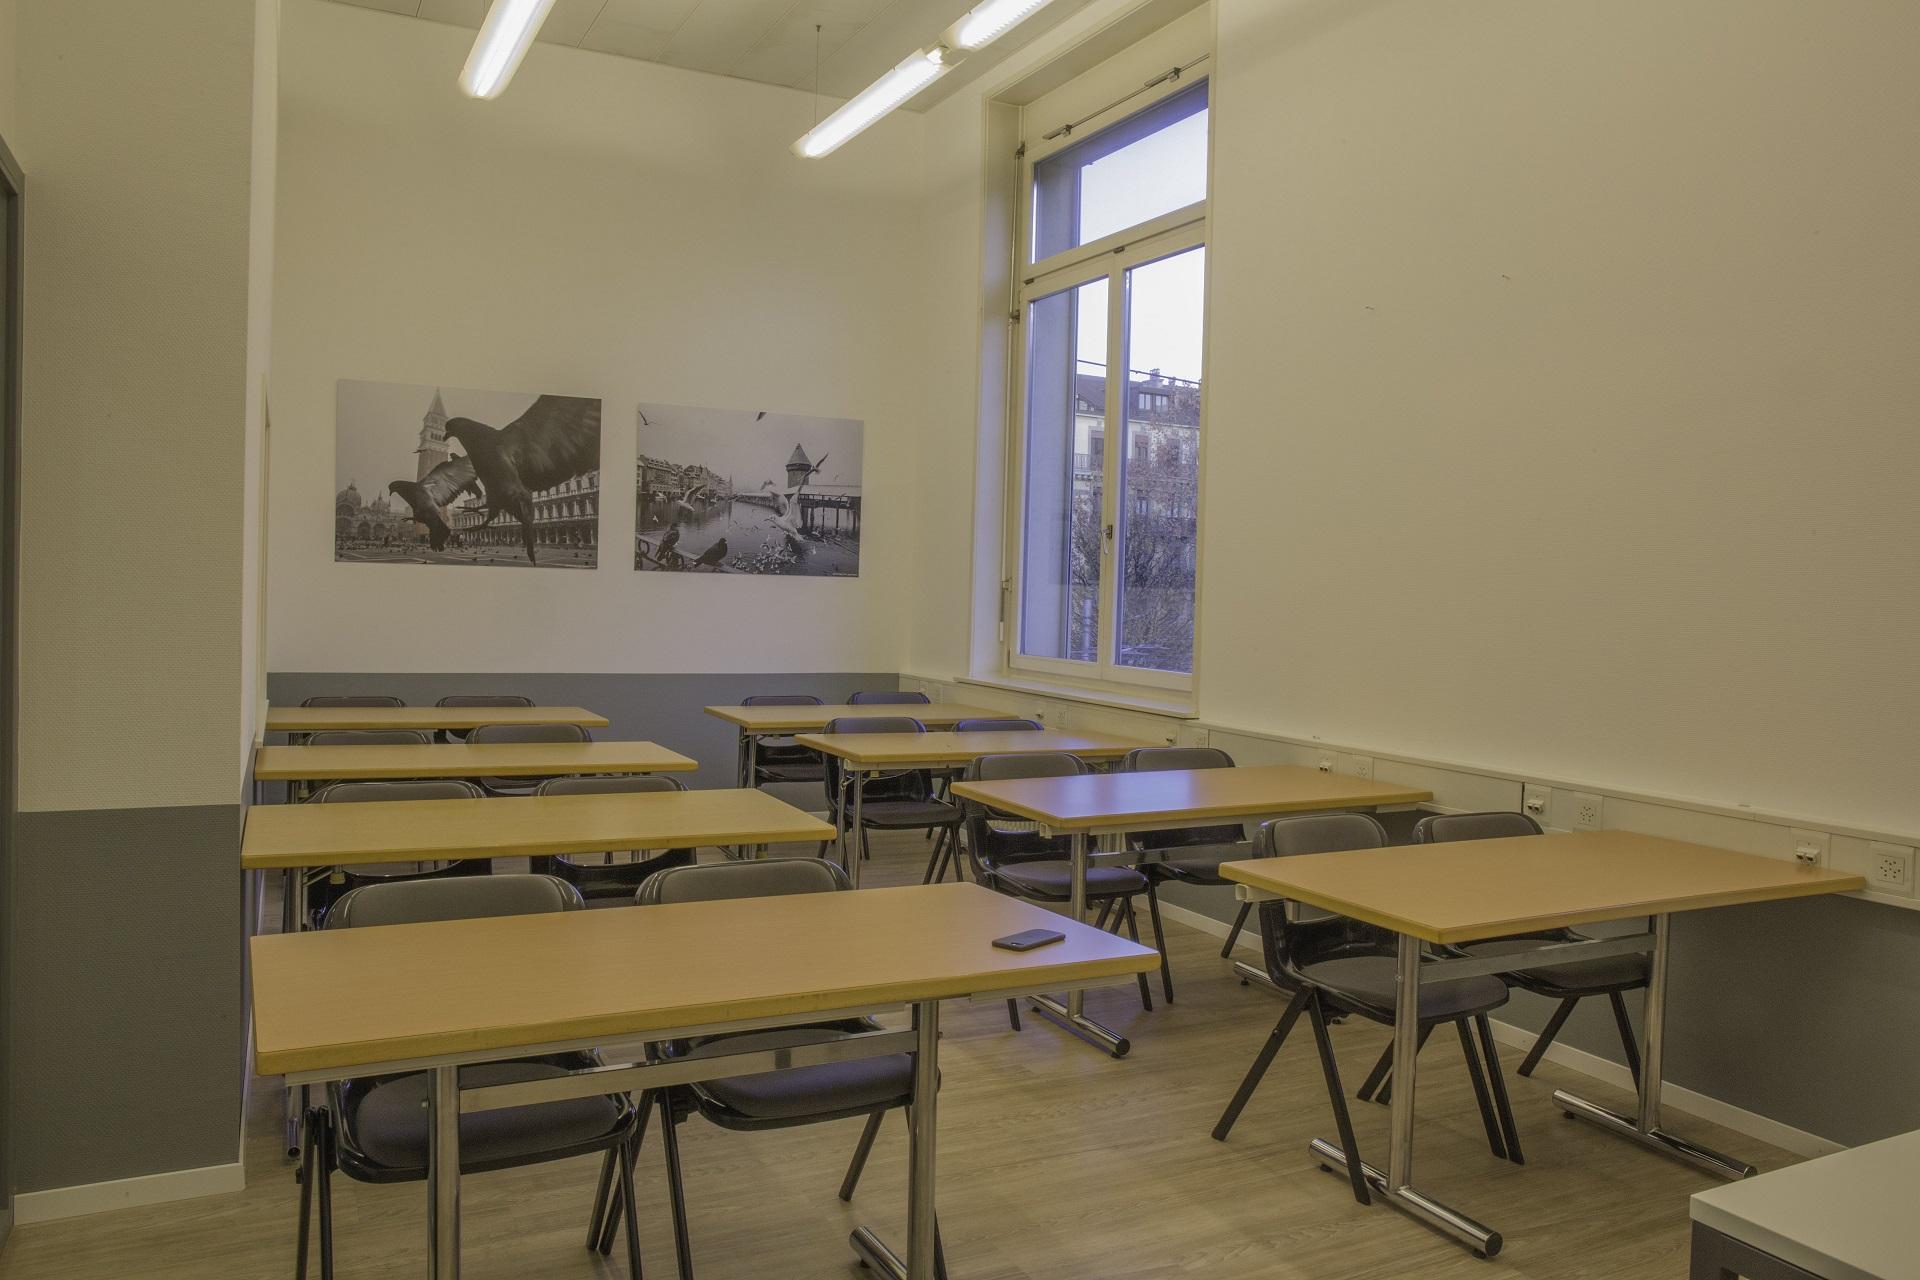 E1-salle1-a-min